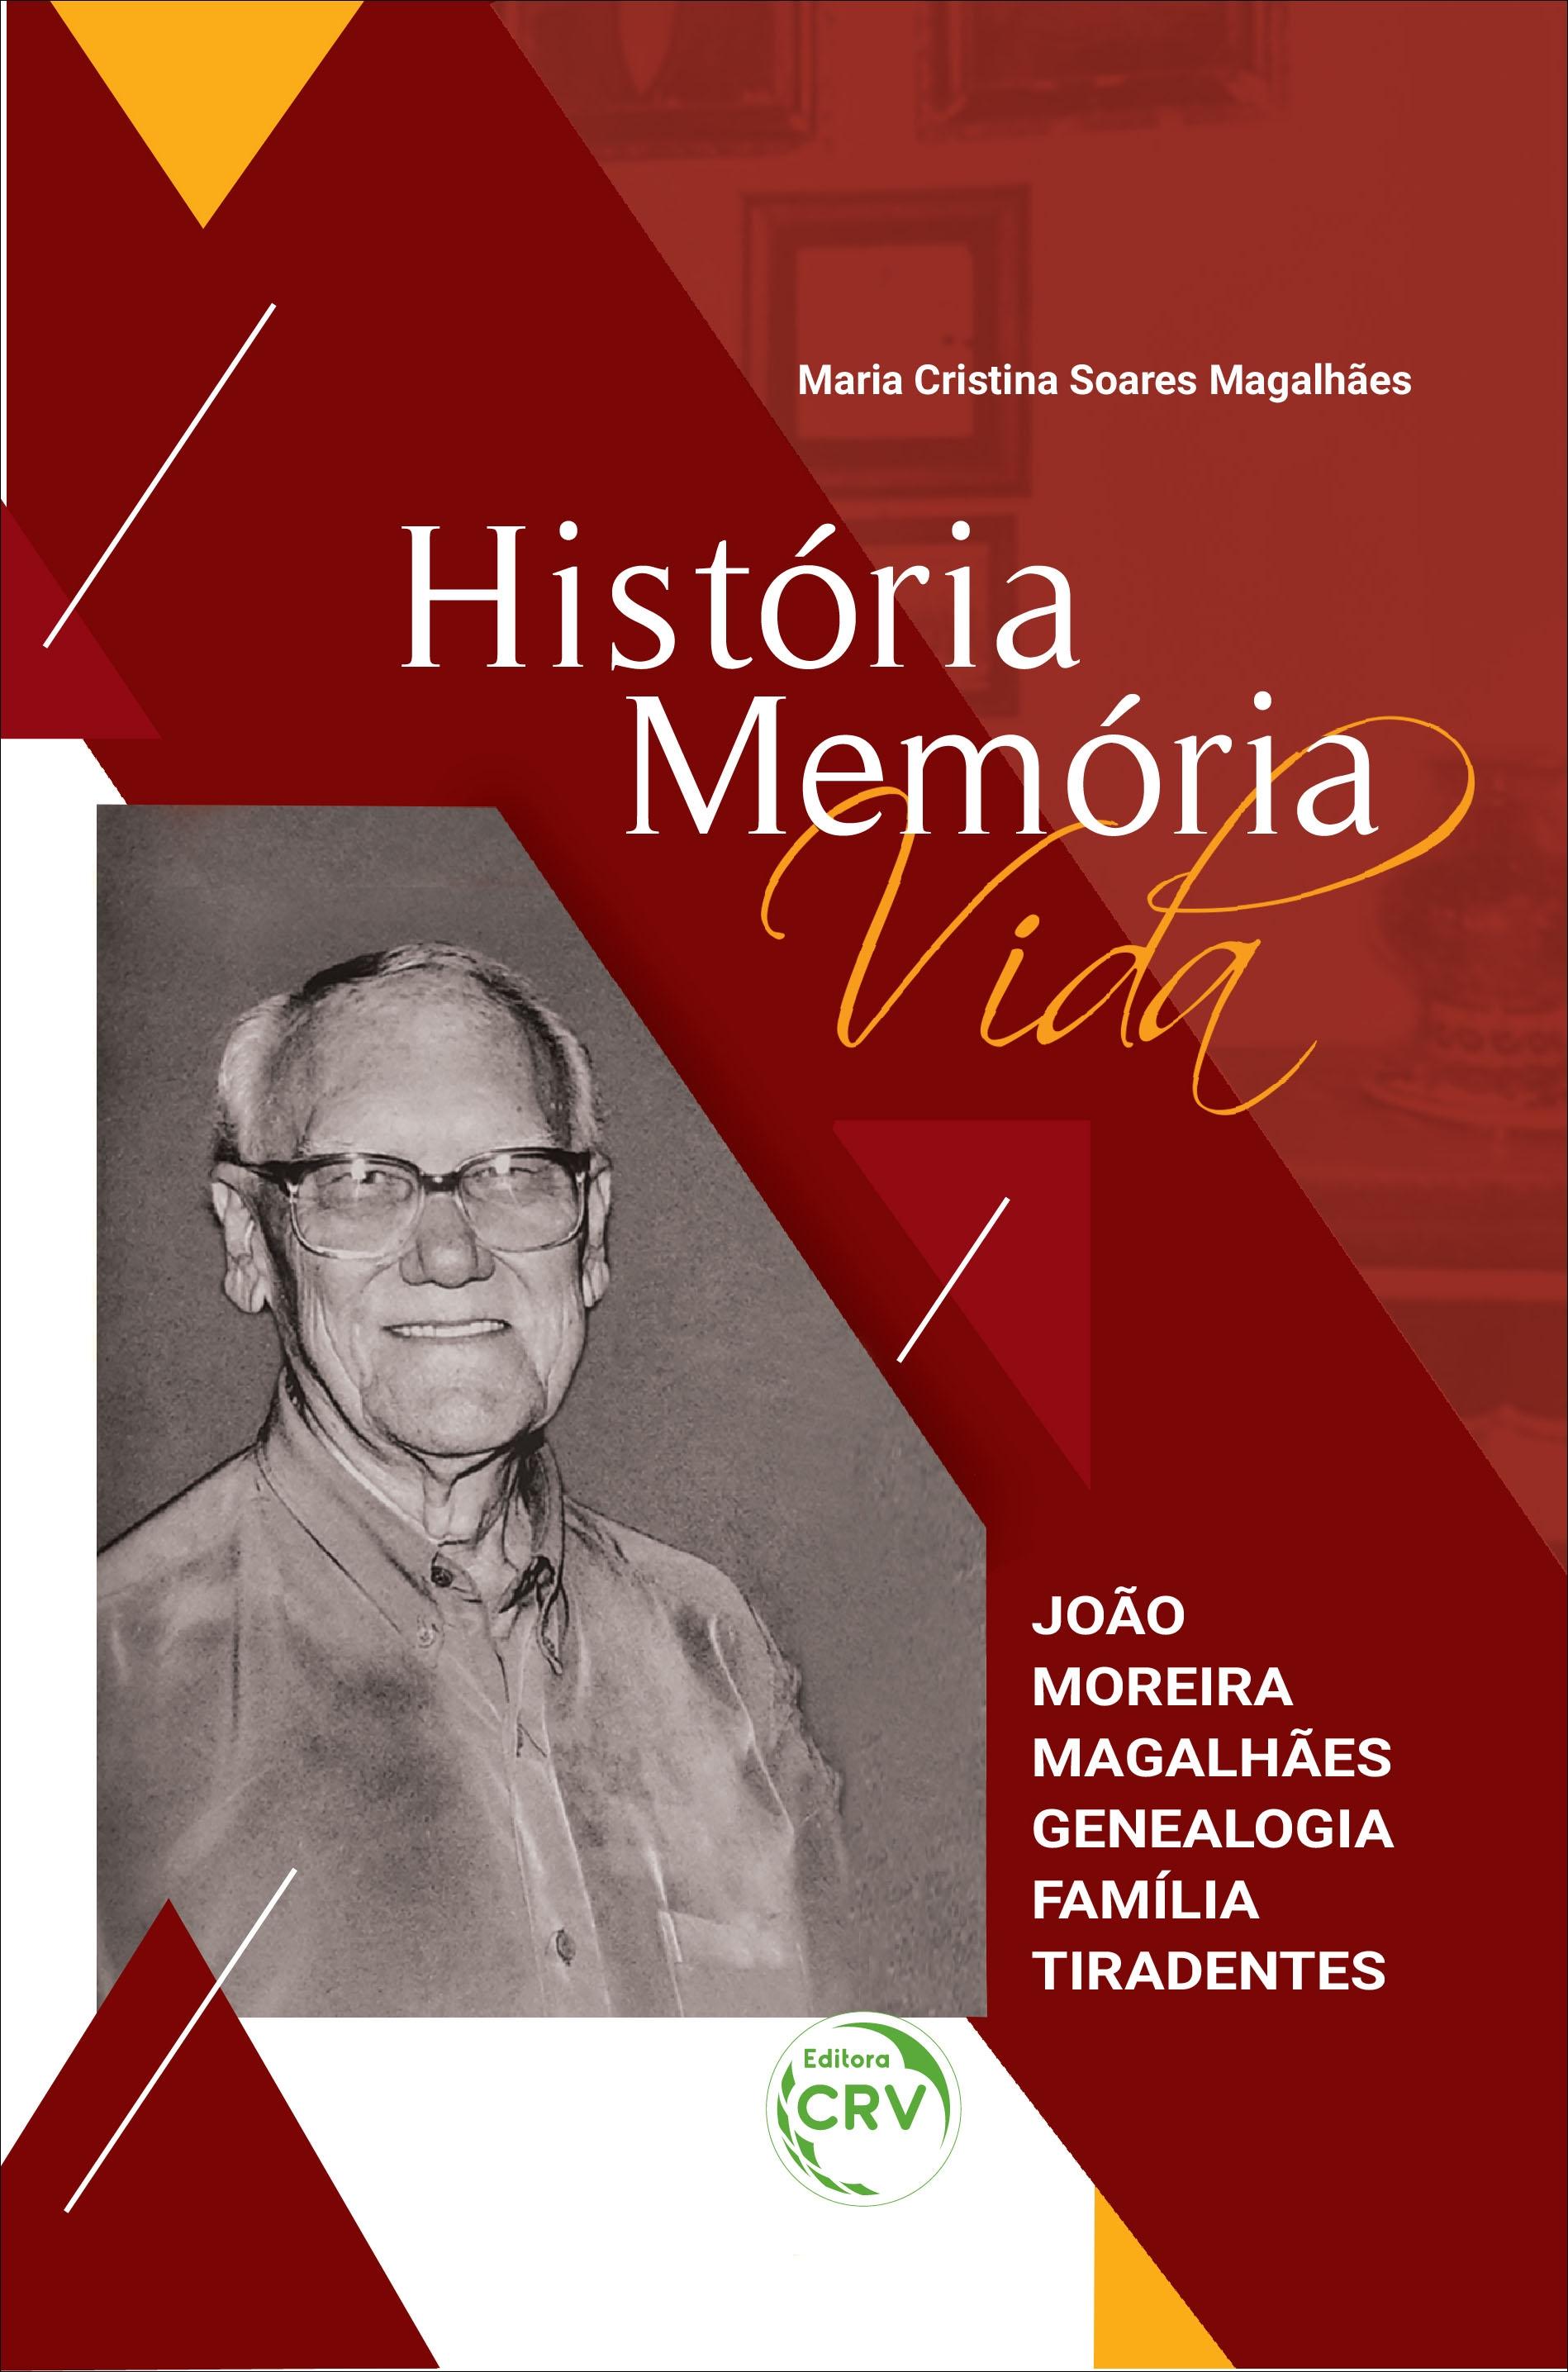 Capa do livro: HISTÓRIA MEMÓRIA VIDA: <br>João Moreira Magalhães Genealogia Família Tiradentes